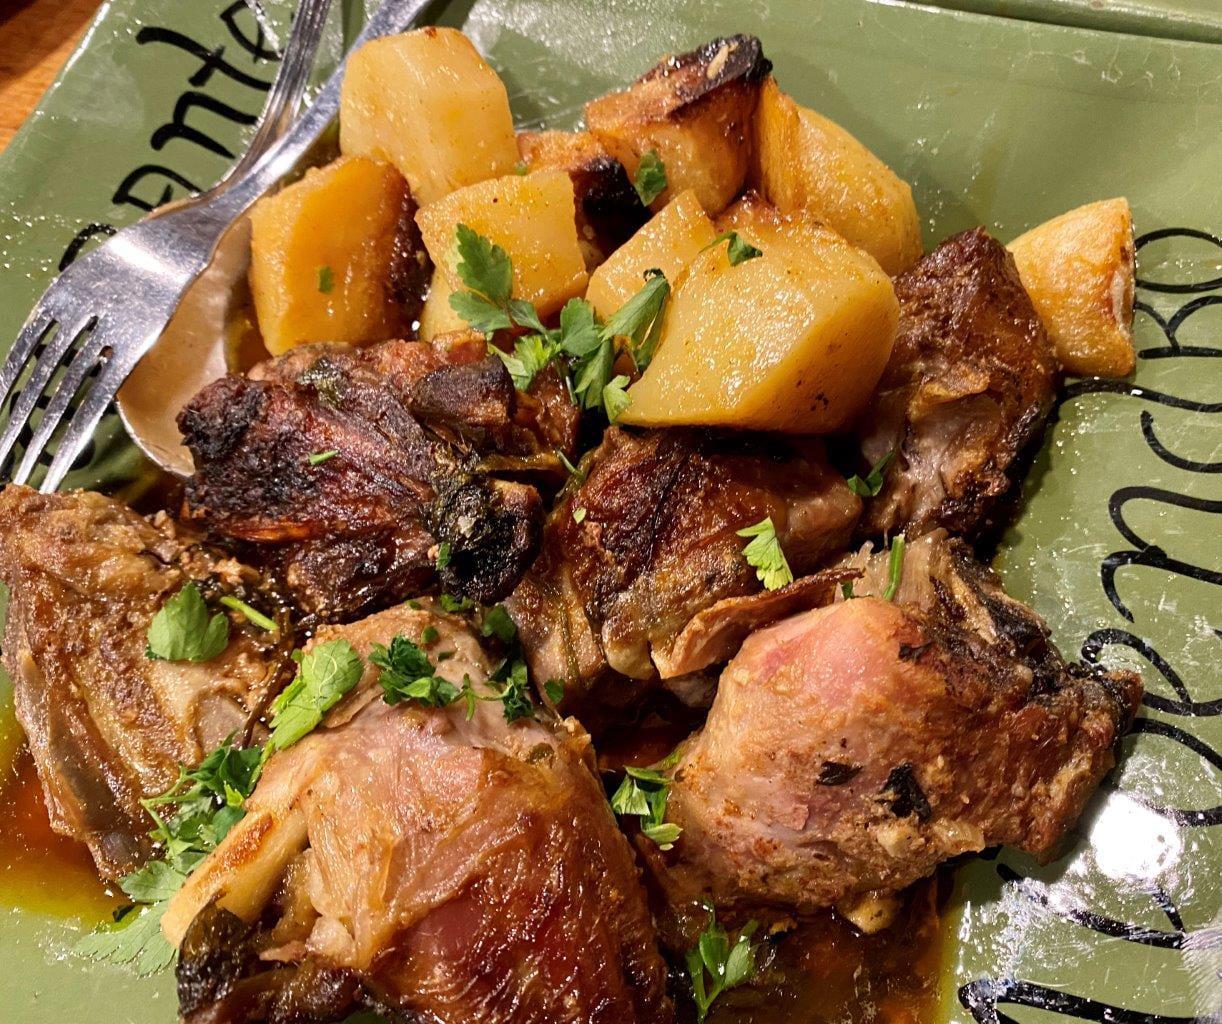 Um jantar no Restaurante Aloendro em Reguengos de Monsaraz Aloendro 9